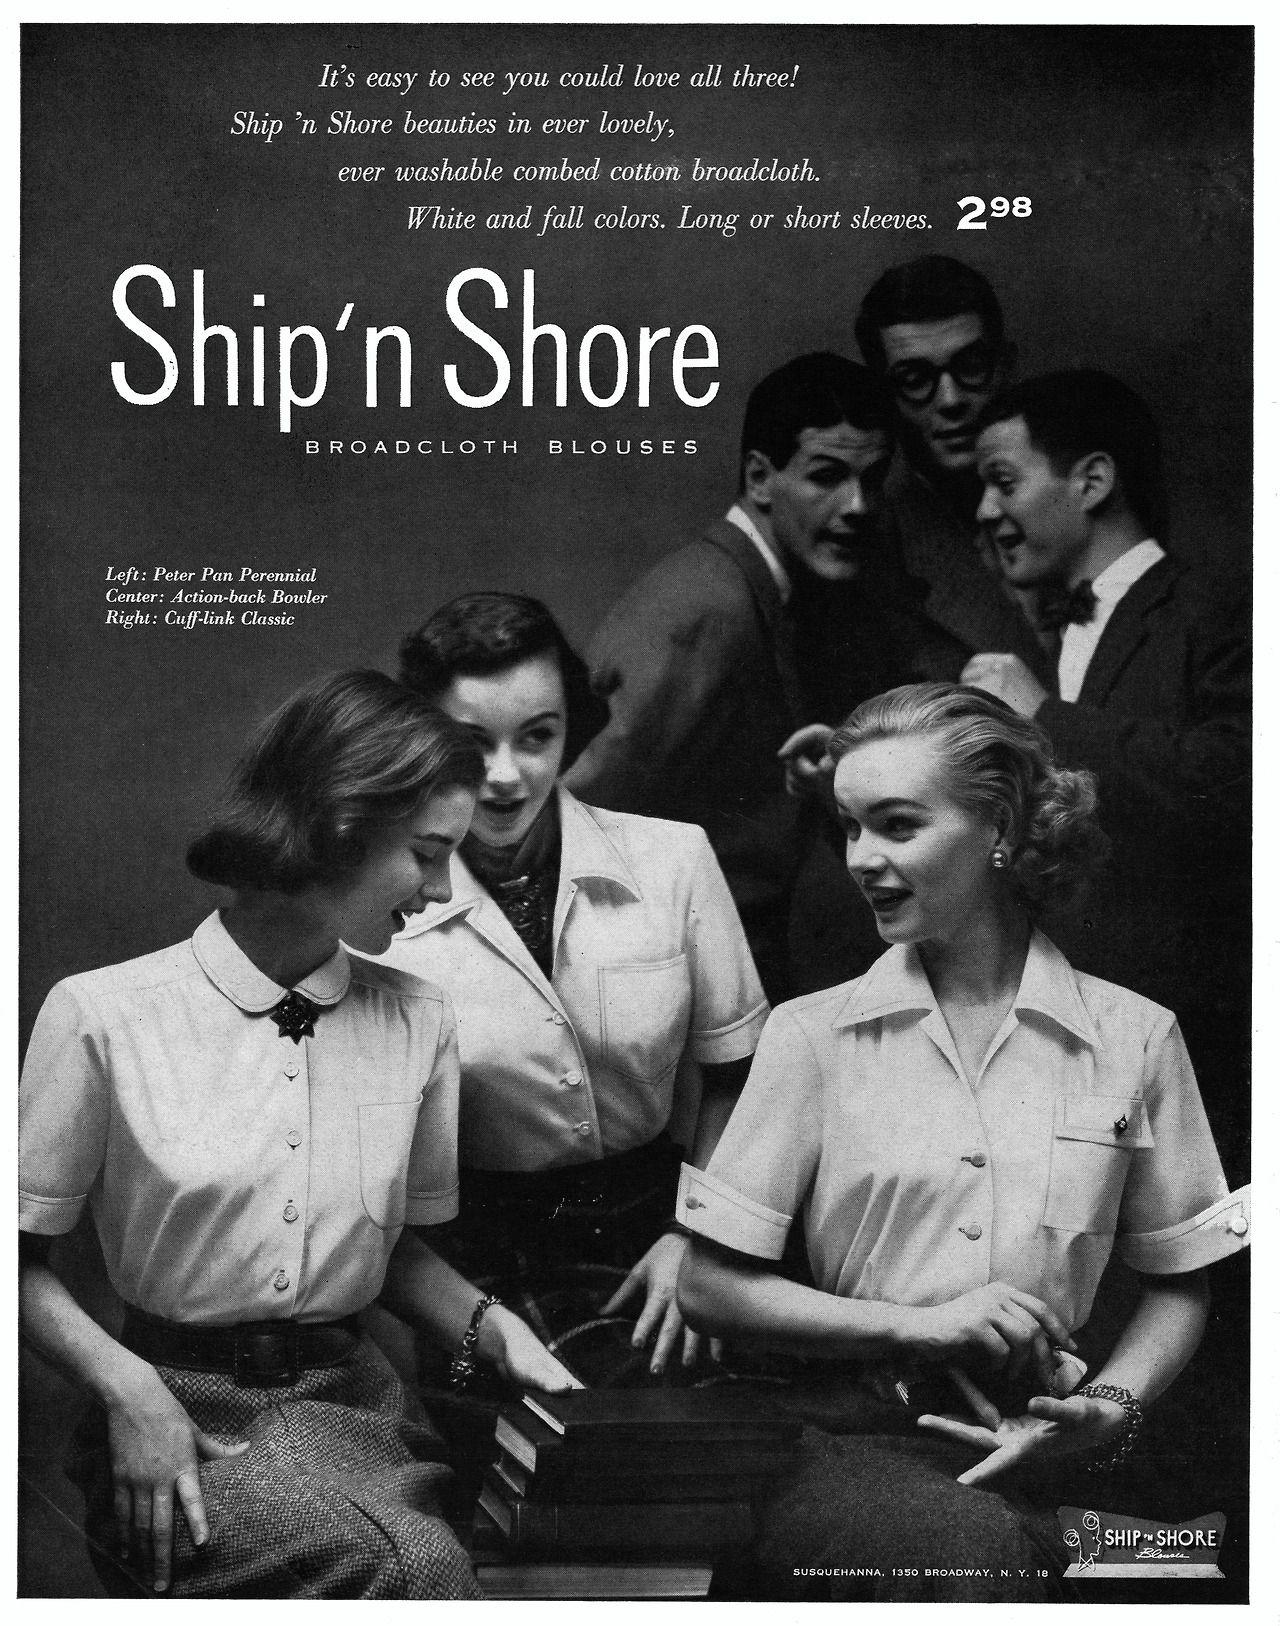 Ship 'n Shore Blouses, 1951